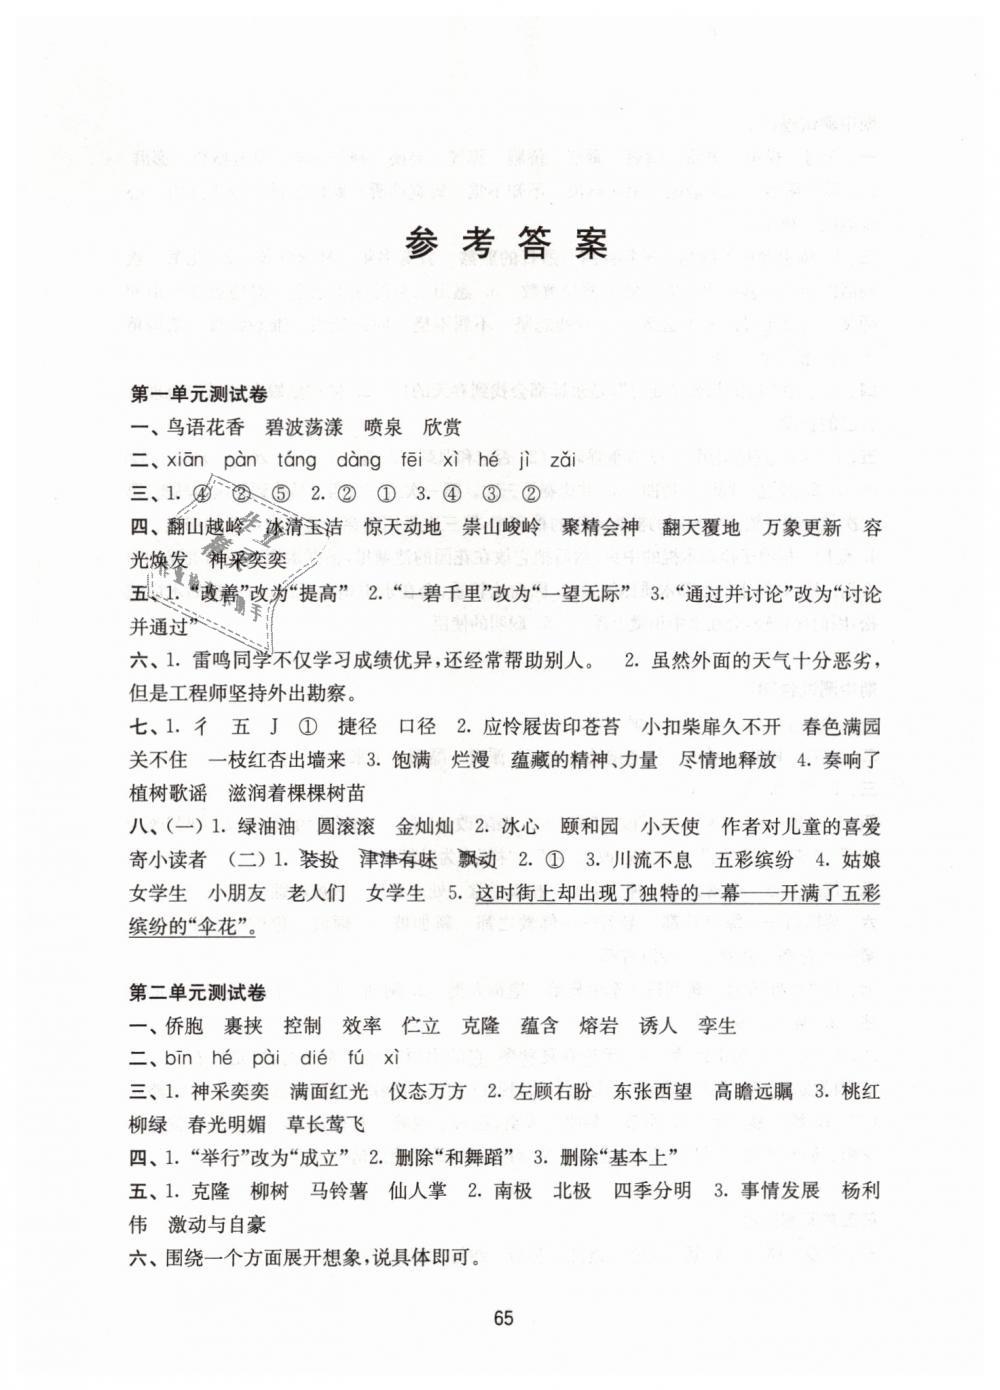 2019年练习与测试小学语文活页卷五年级下册苏教版第1页